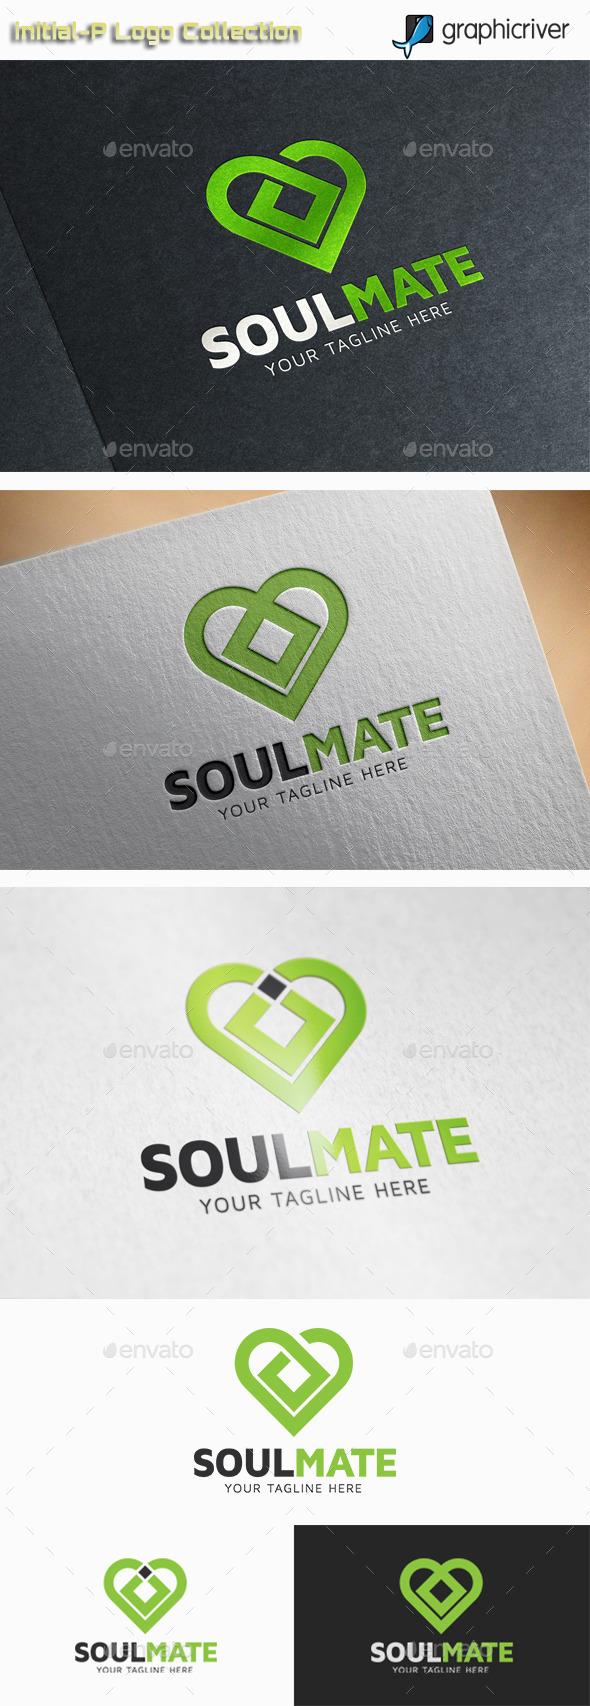 GraphicRiver Soulmate Logo 10961149